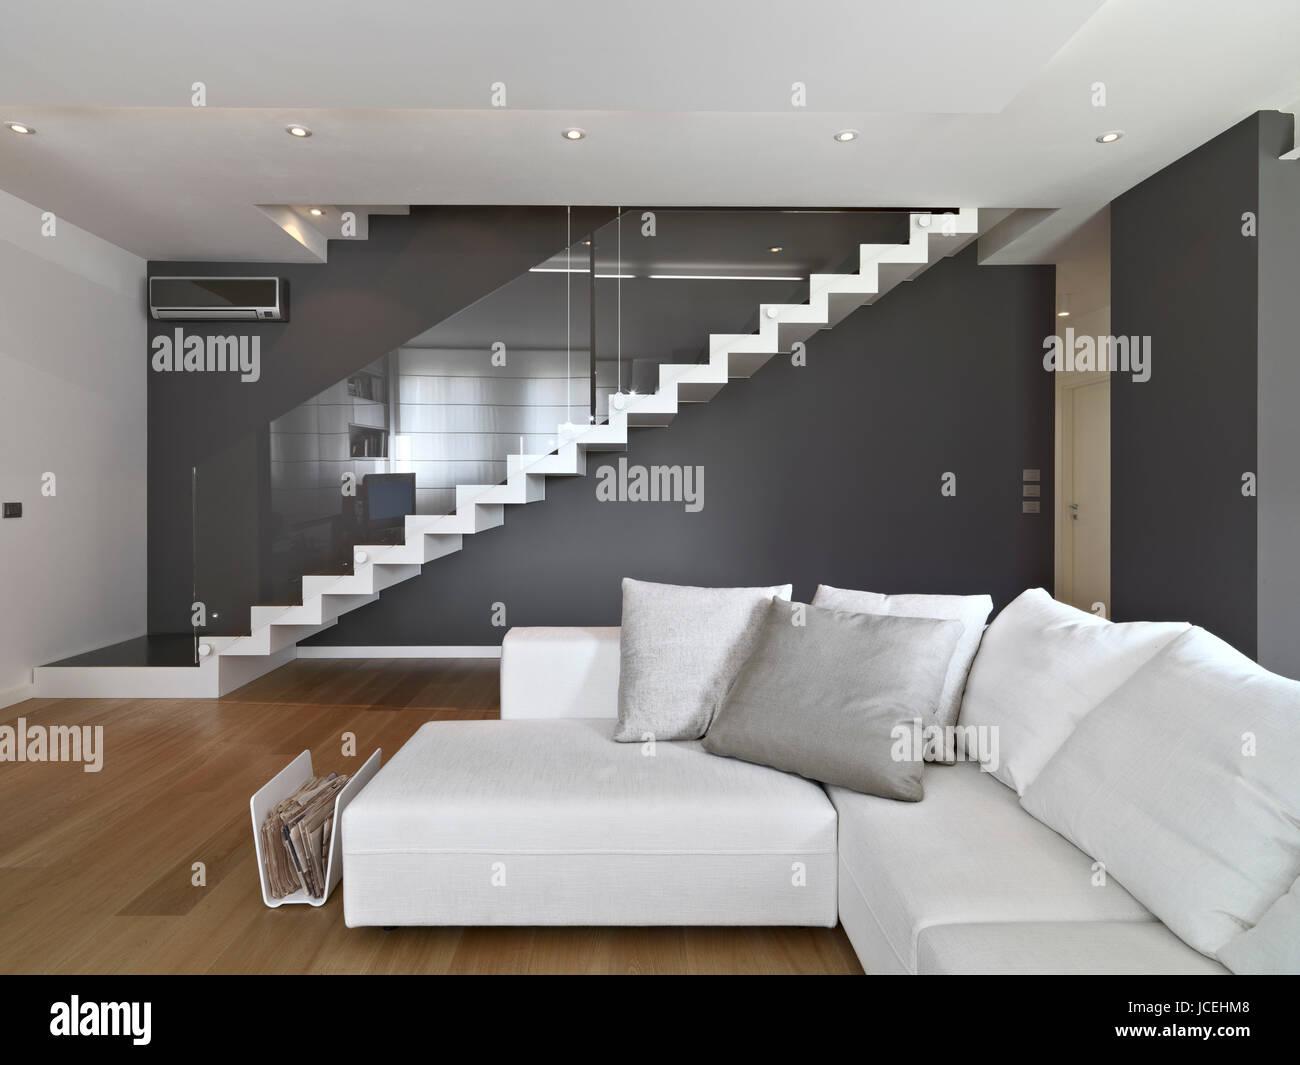 Canapé en tissu dans le salon moderne avec escalier et ...